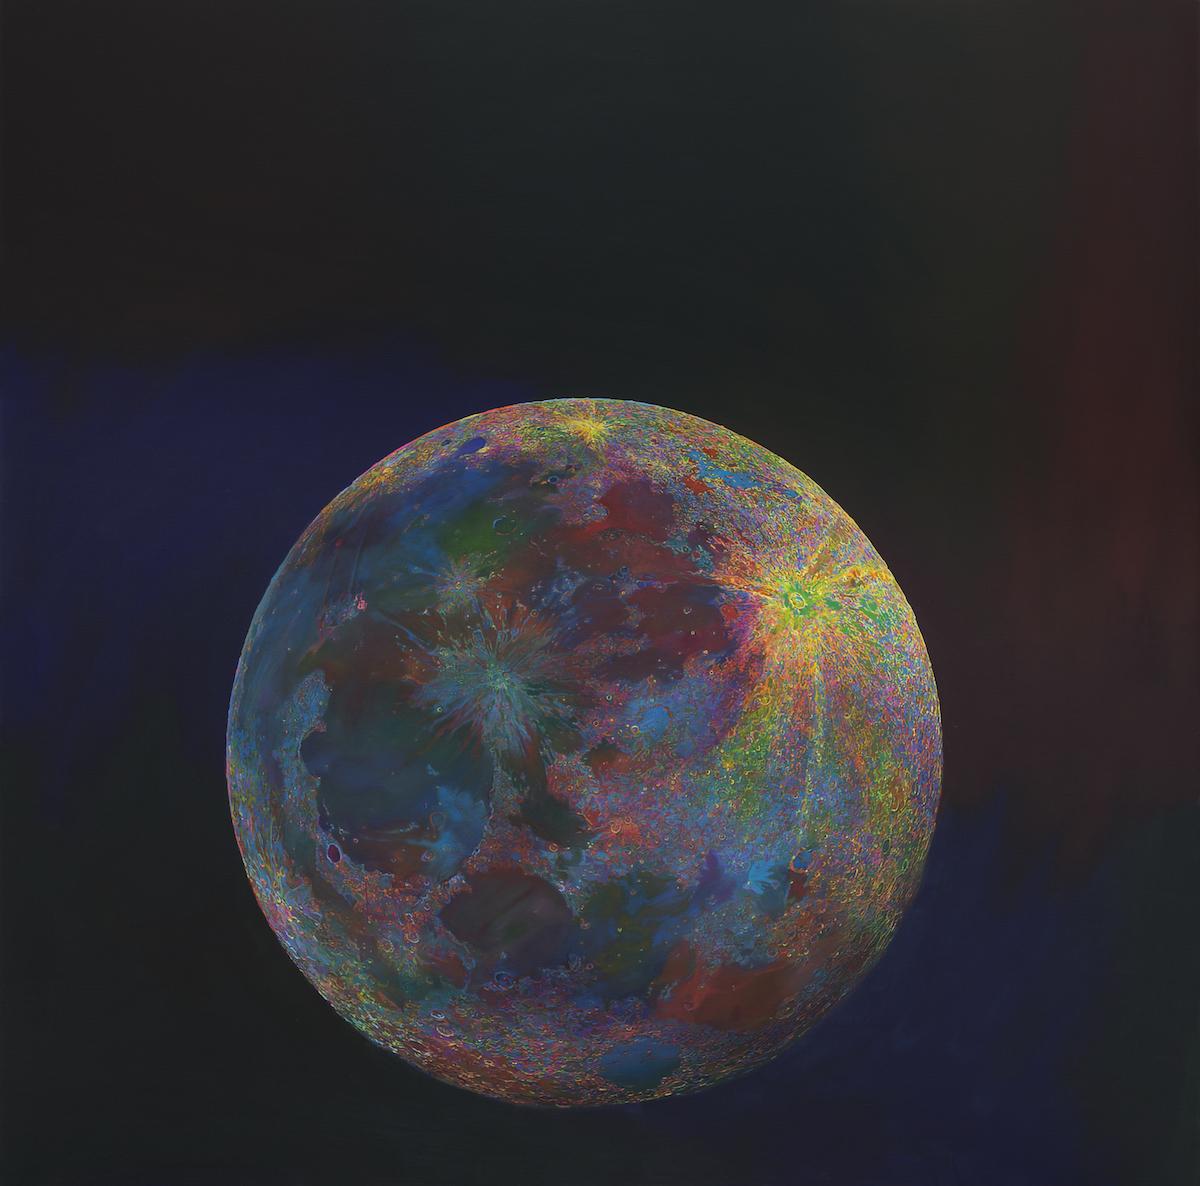 Wang Yuyang, Moon 201808, 2018. Courtesy of John Dodelande.